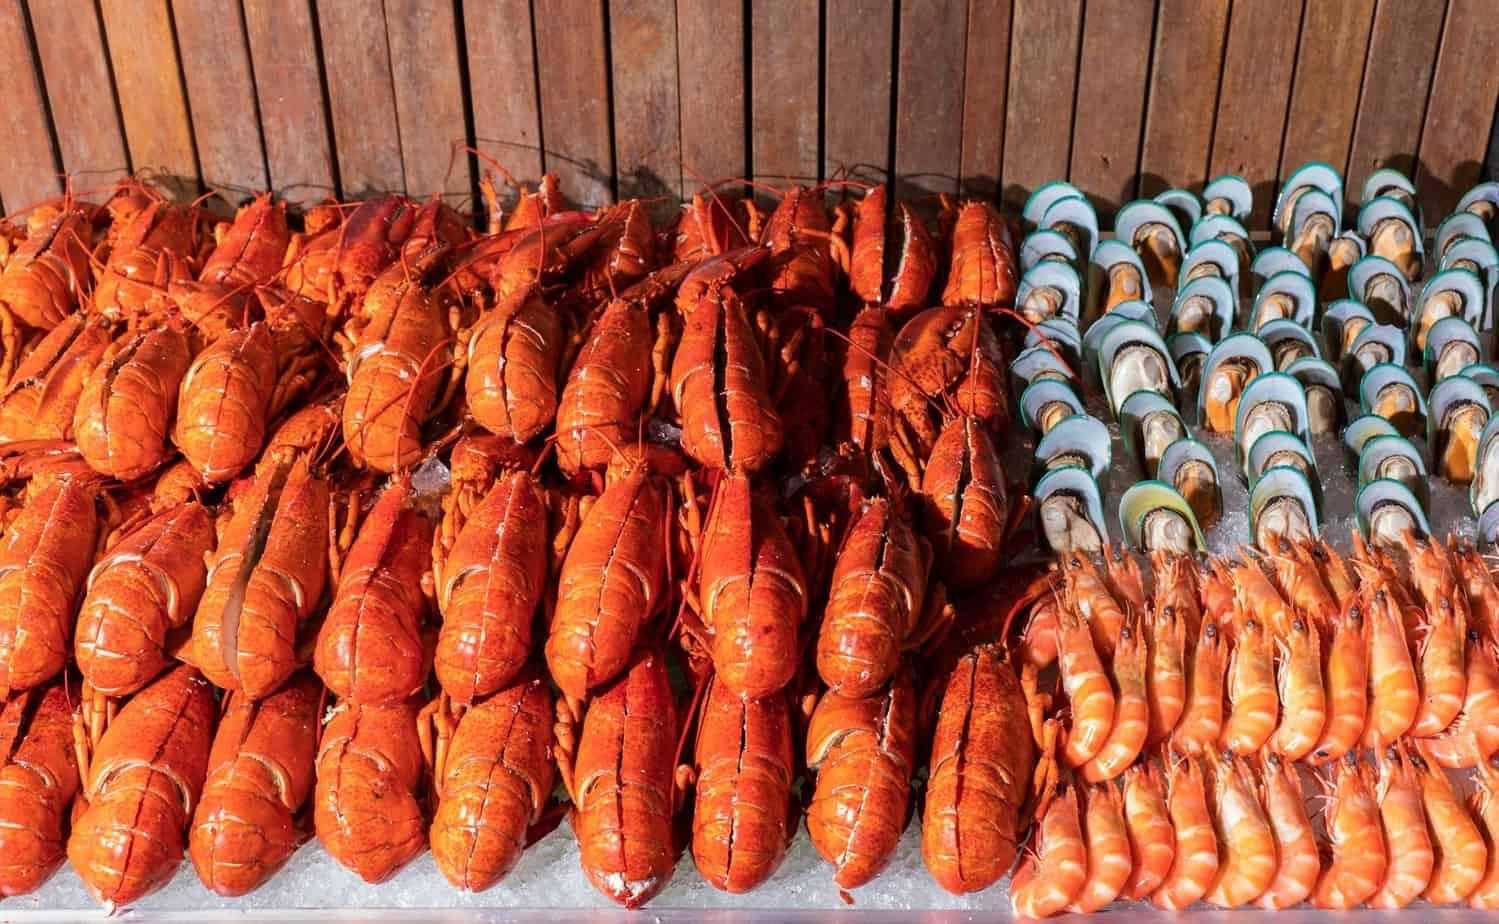 Top 8 Nhà Hàng Buffet Cao Cấp Tại TPHCM Mà Dân Sành Ăn Không Nên Bỏ Lỡ - nhà hàng buffet cao câp tại tphcm - Caravelle Saigon hotel | Hoàng Yến Premier | Nhà Hàng Buffet 72